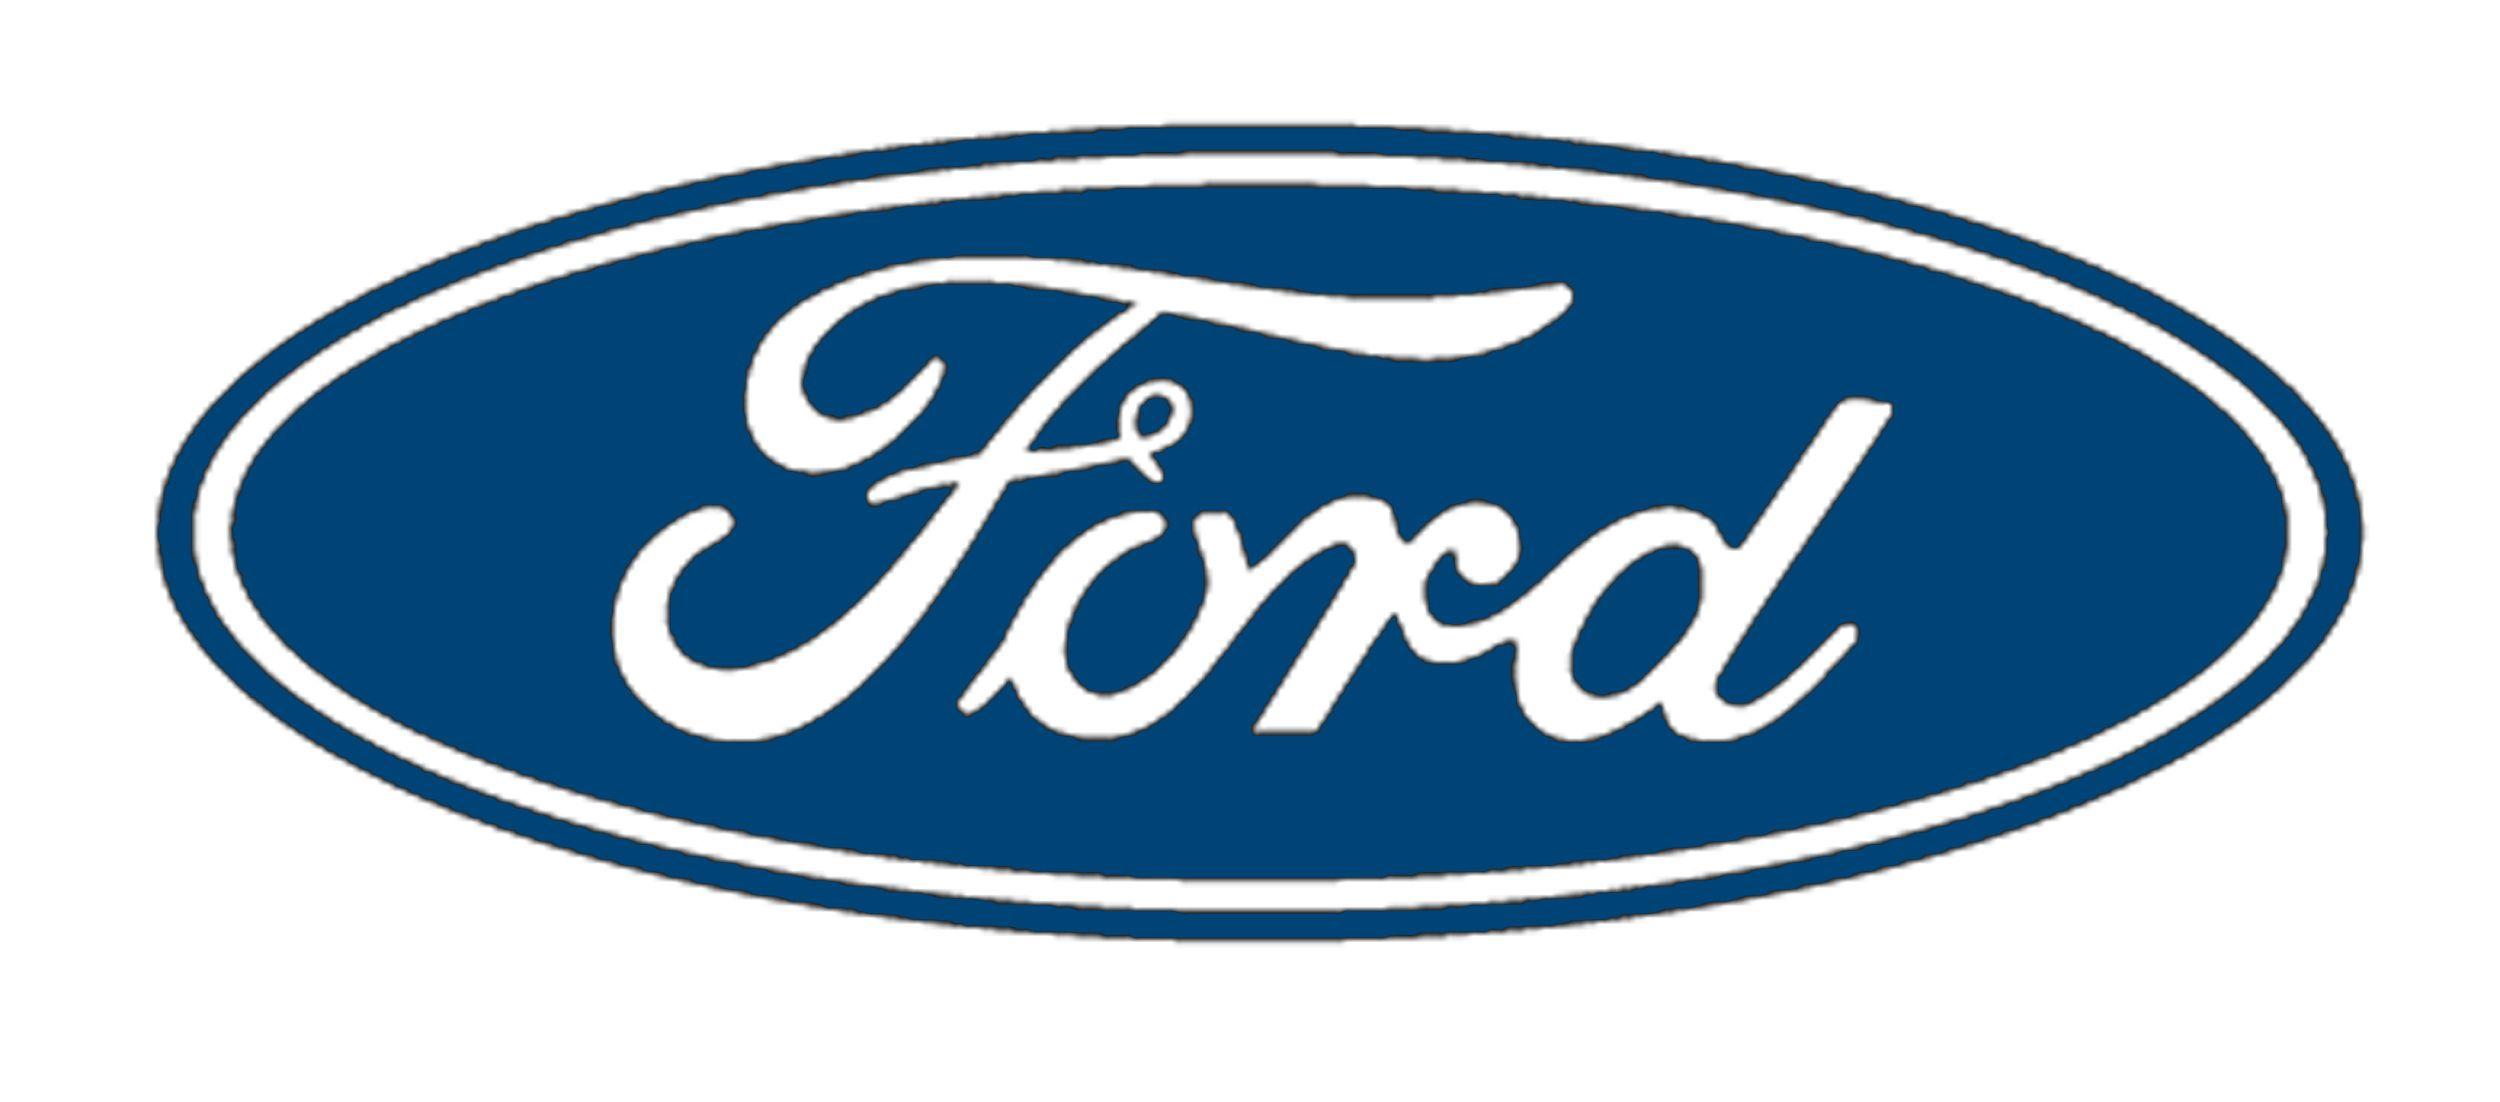 Ford Logo ロゴデザイン ロゴ デザイン